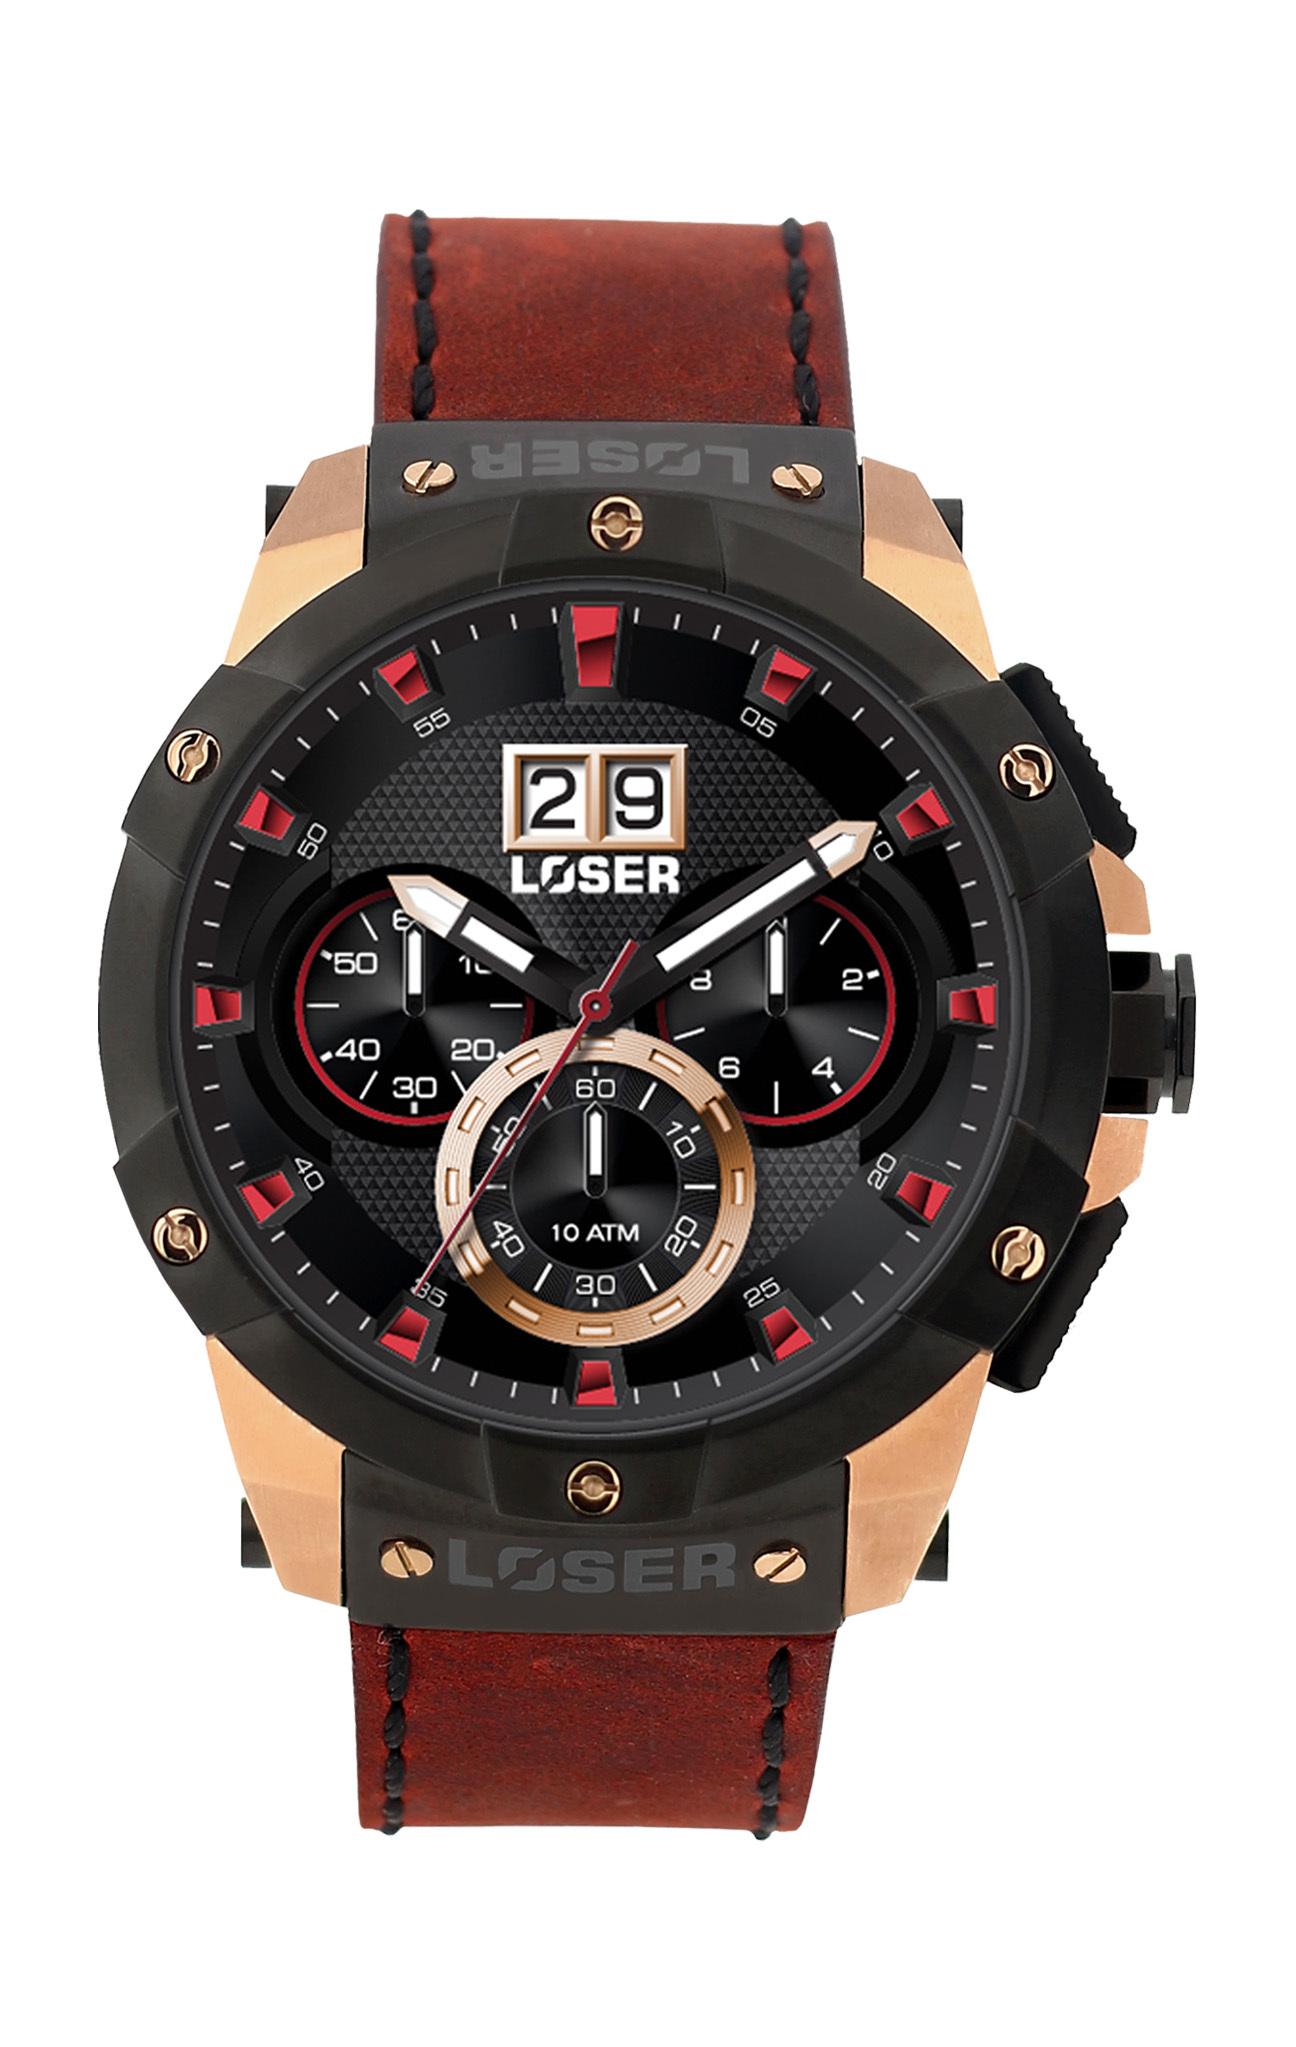 Luxusní nadčasové sportovní vodotěsné hodinky LOSER Vision BORDEAUX RED LOS-V06 (POŠTOVNÉ ZDARMA!! )